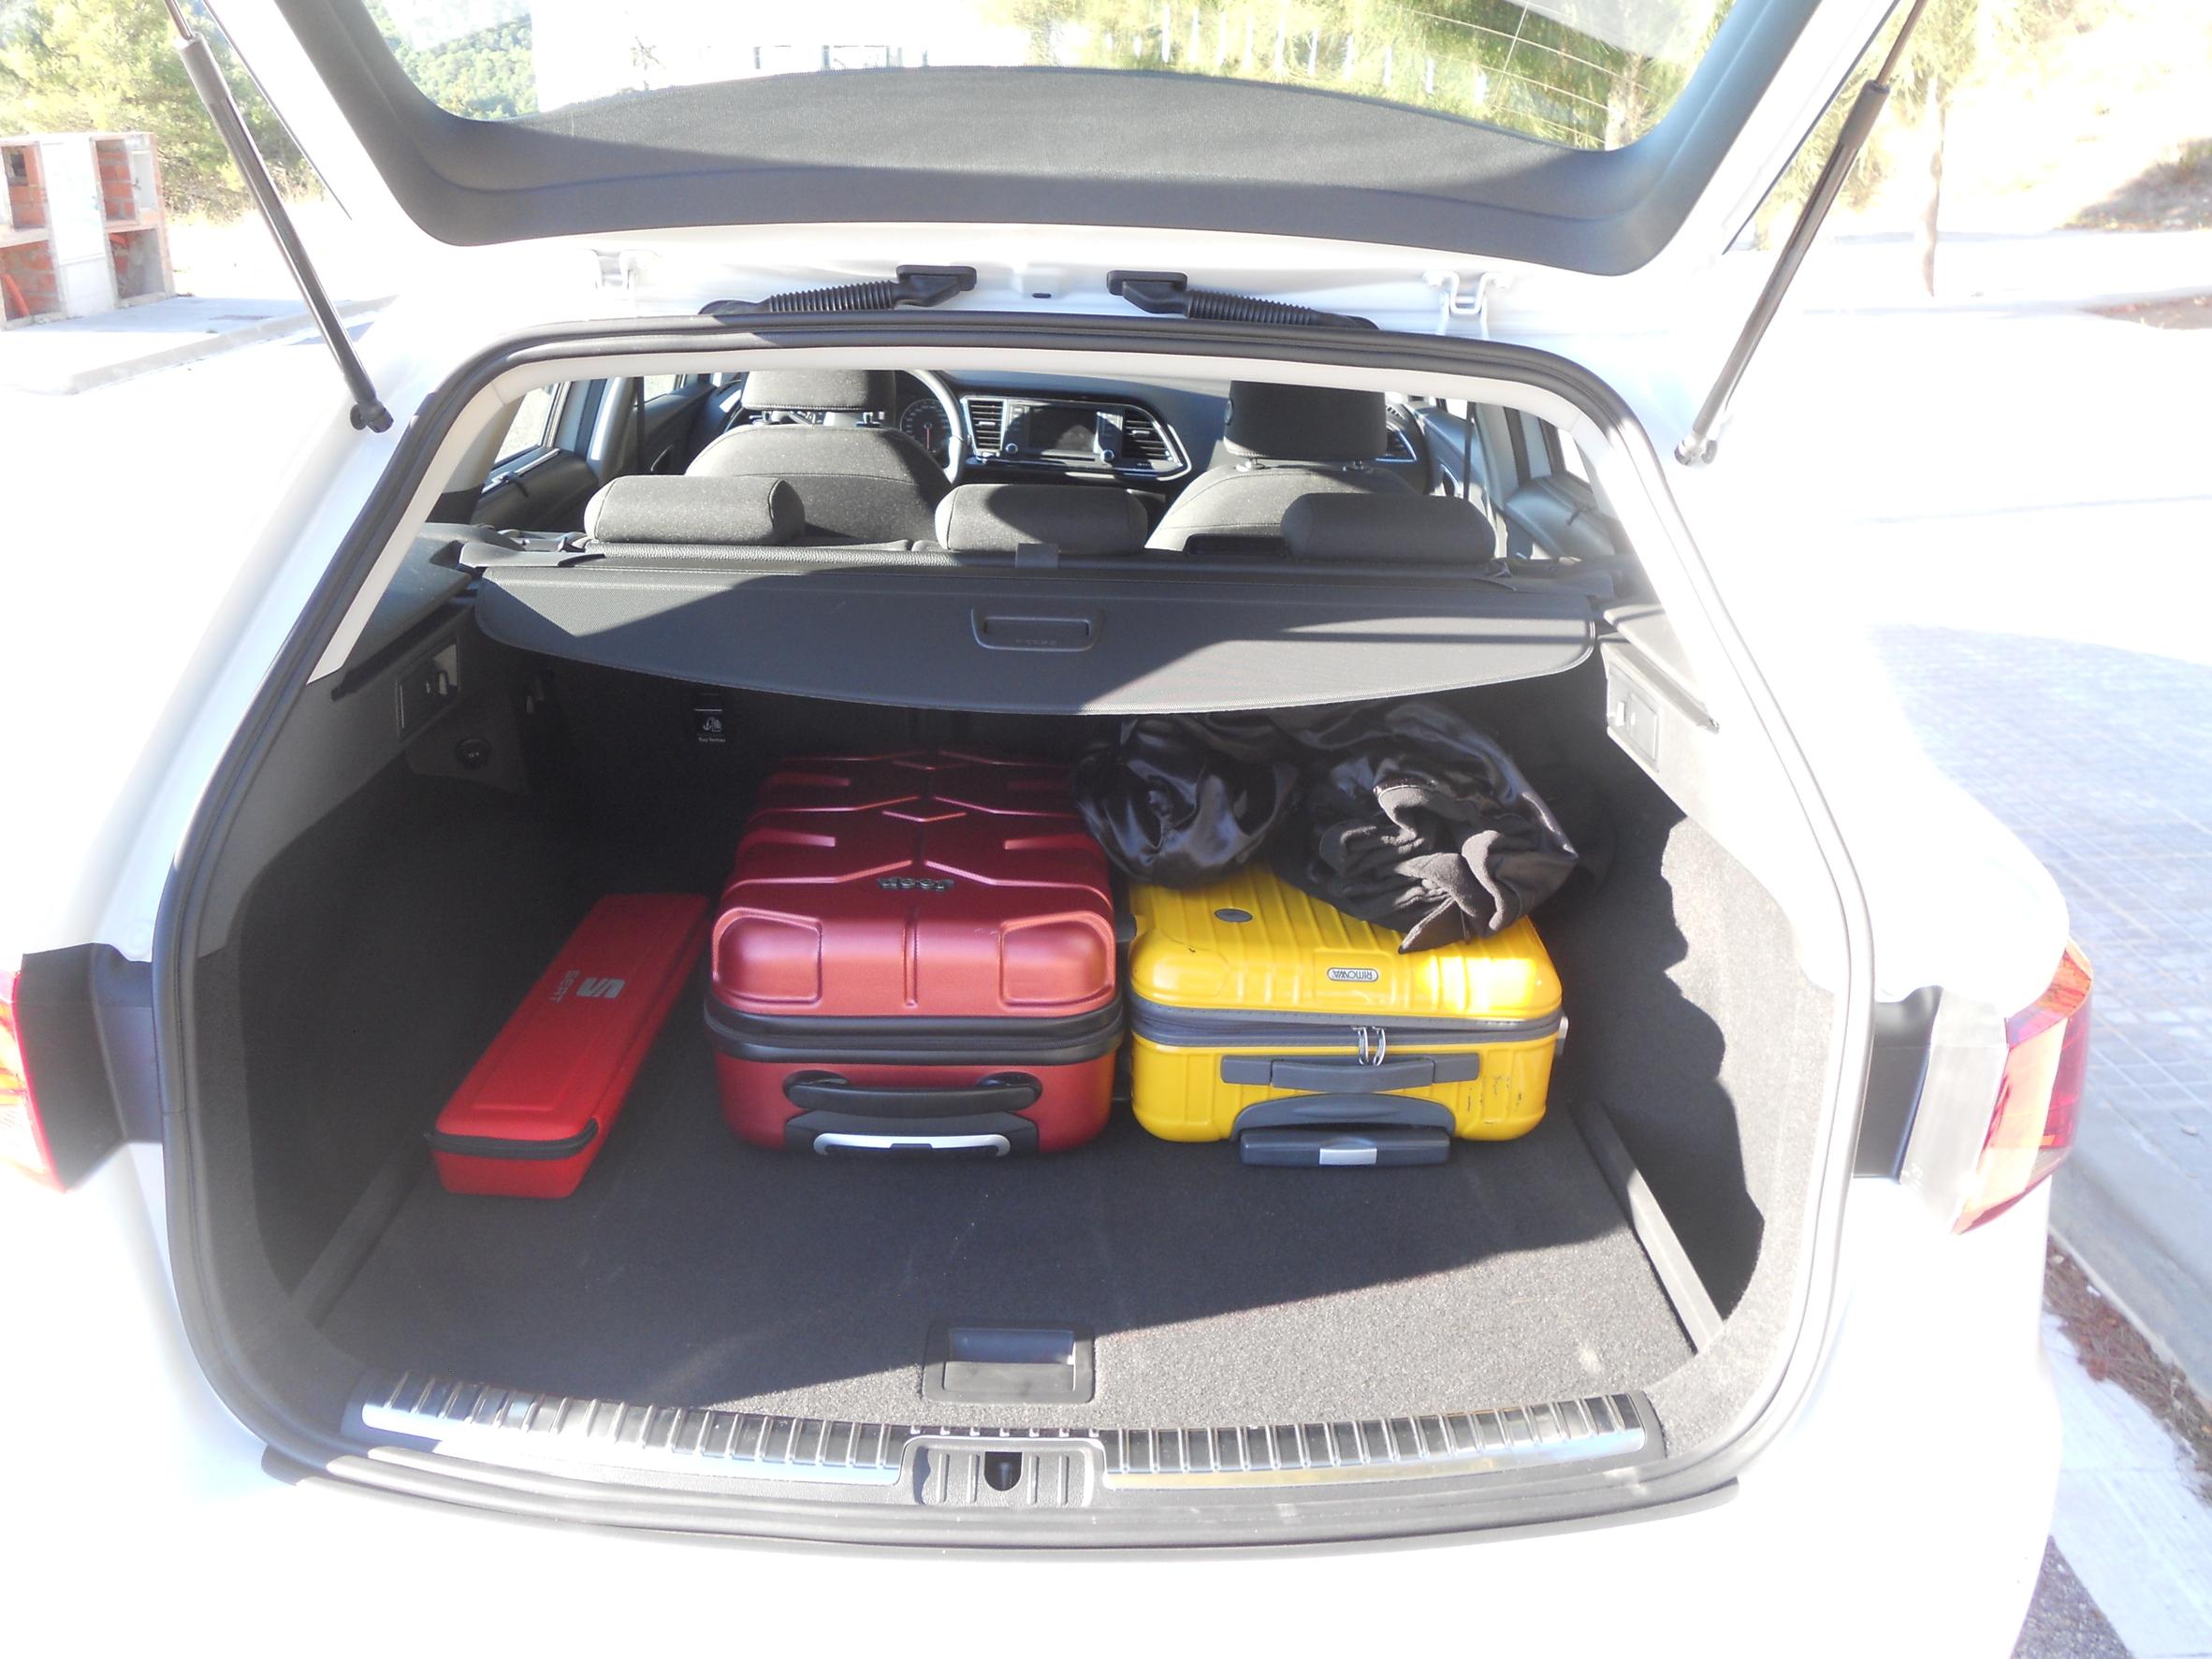 seat leon st ein richtiger ladek nstler billige autos infos news. Black Bedroom Furniture Sets. Home Design Ideas